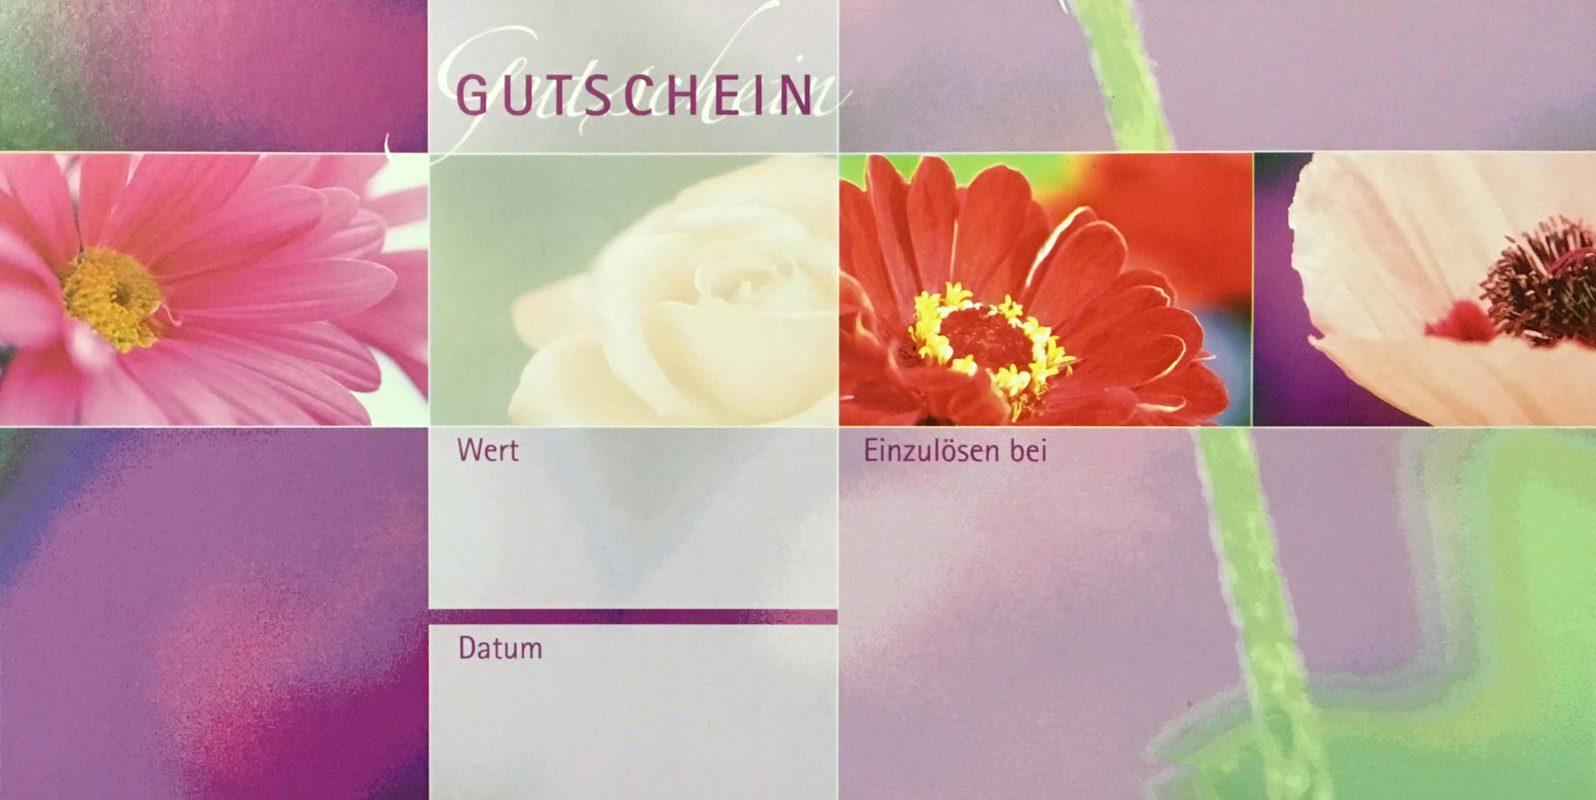 Gutschein-Frühling